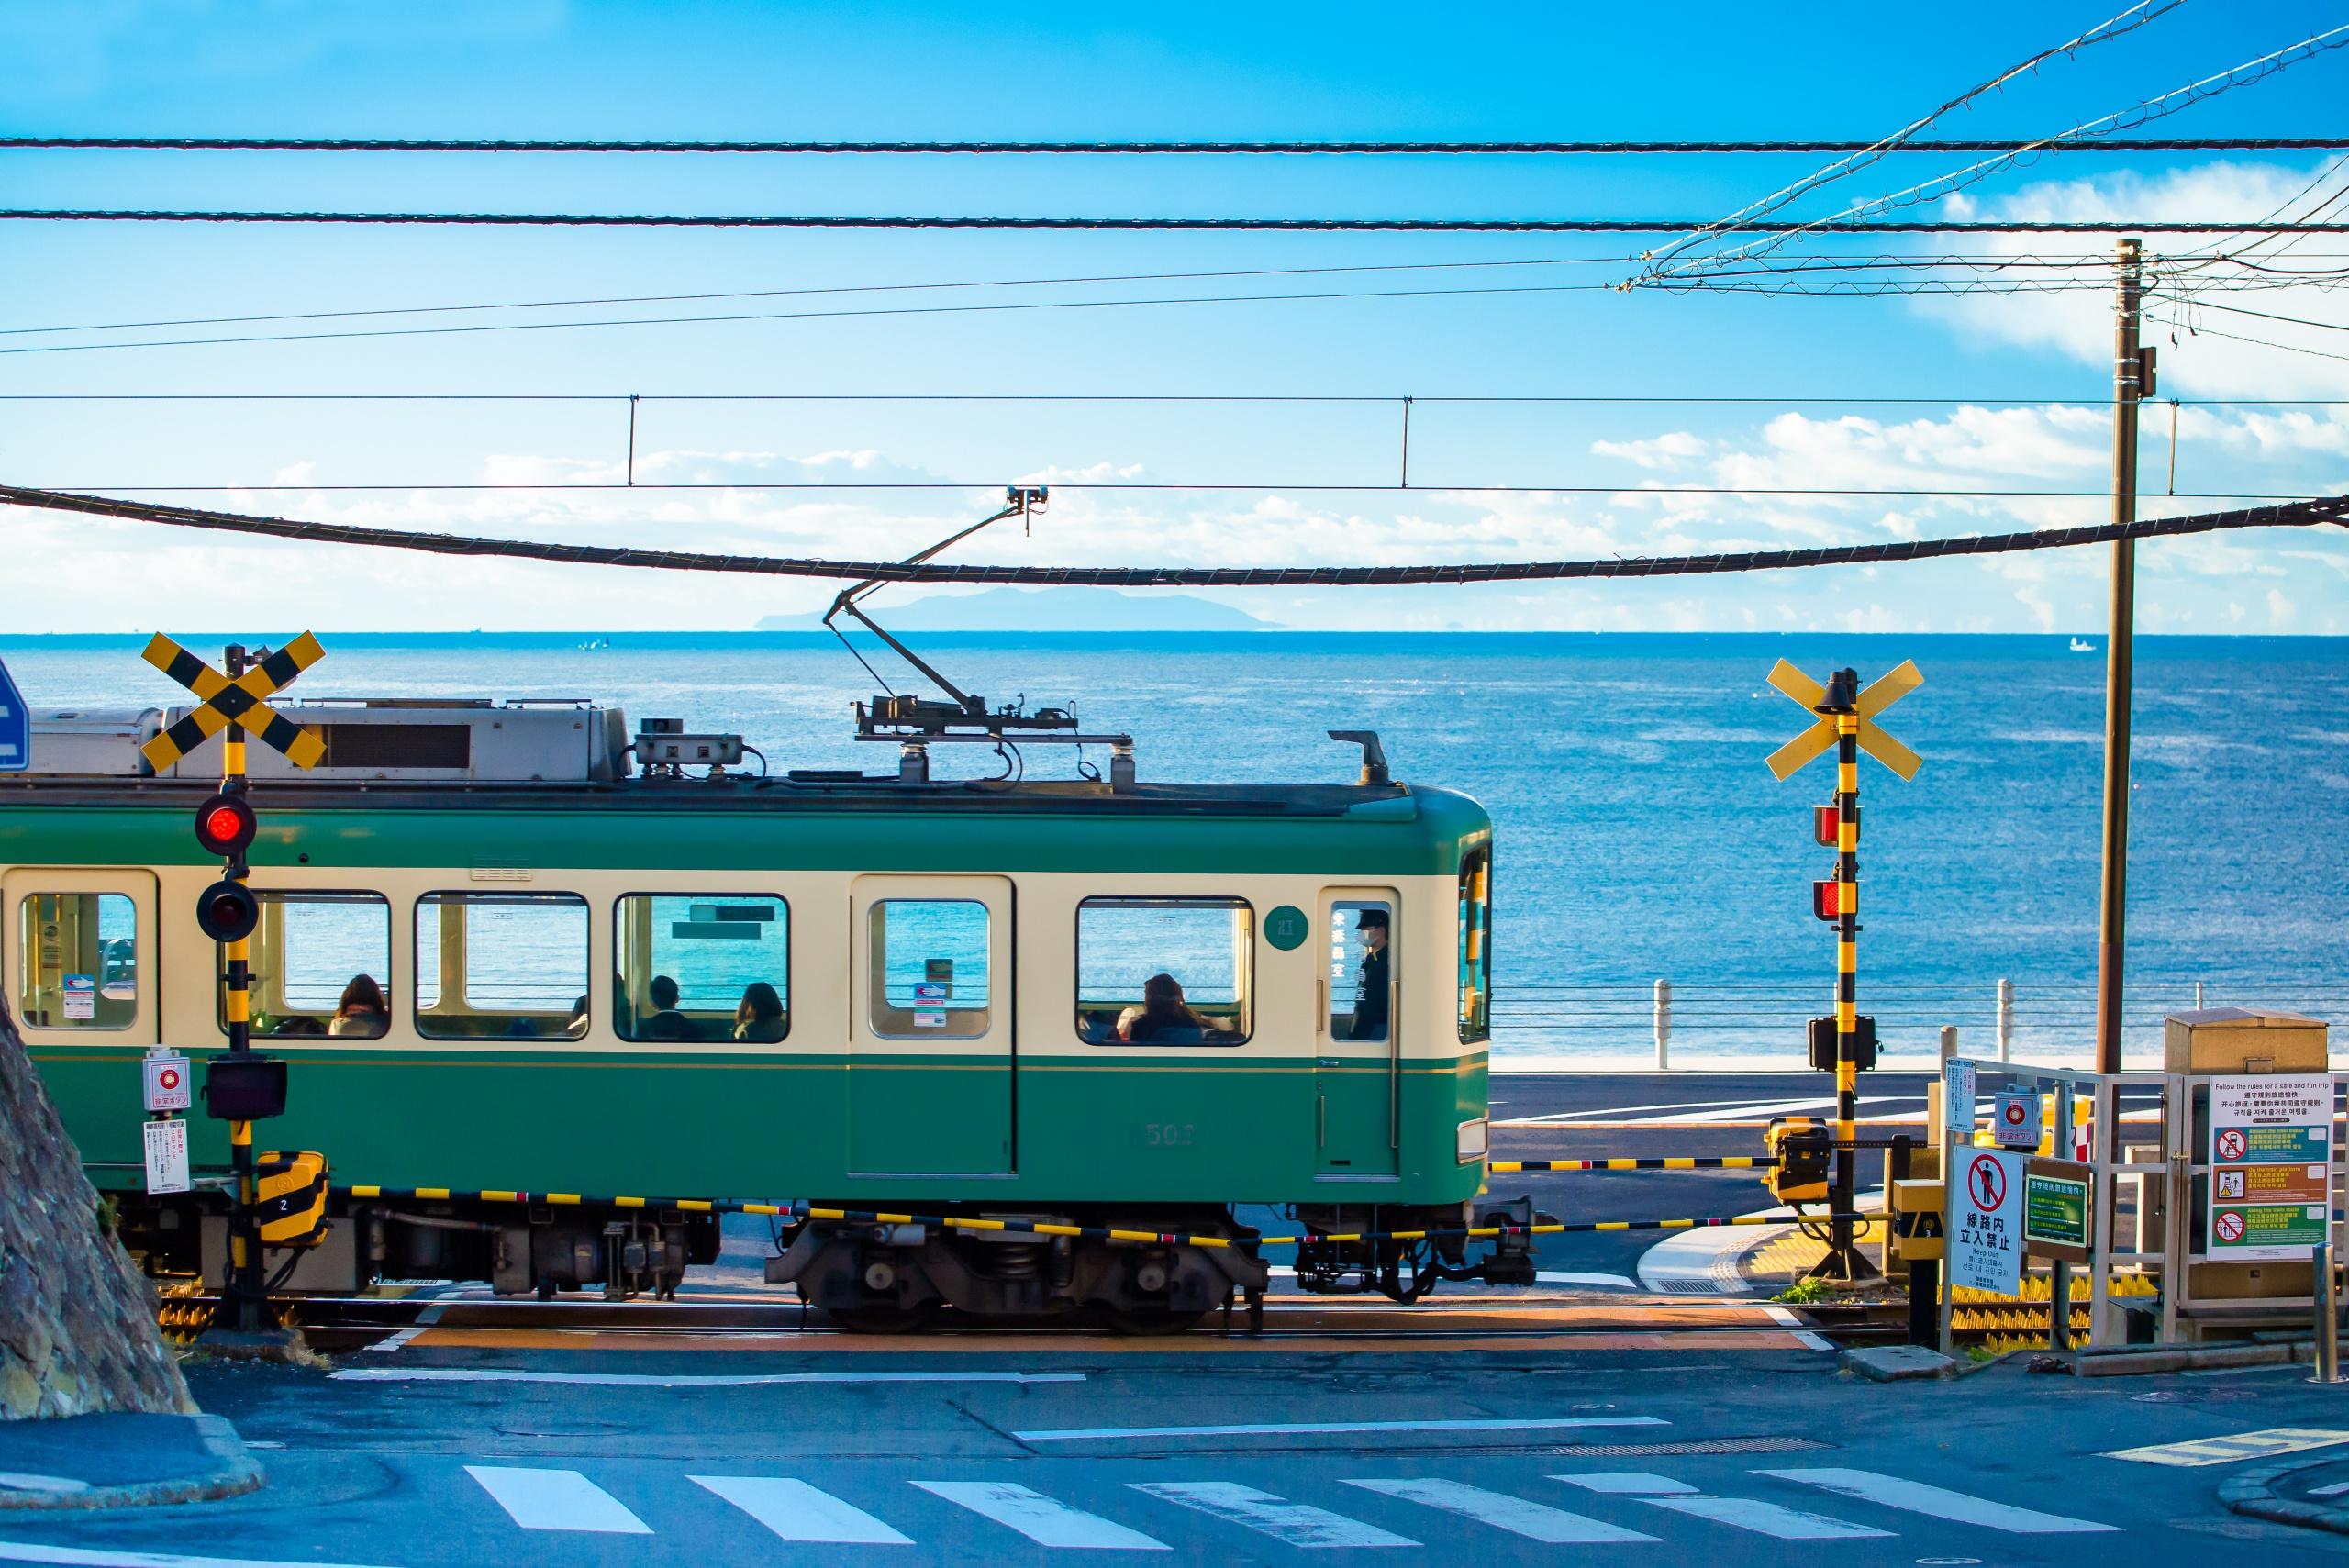 湘南 江ノ島電鉄